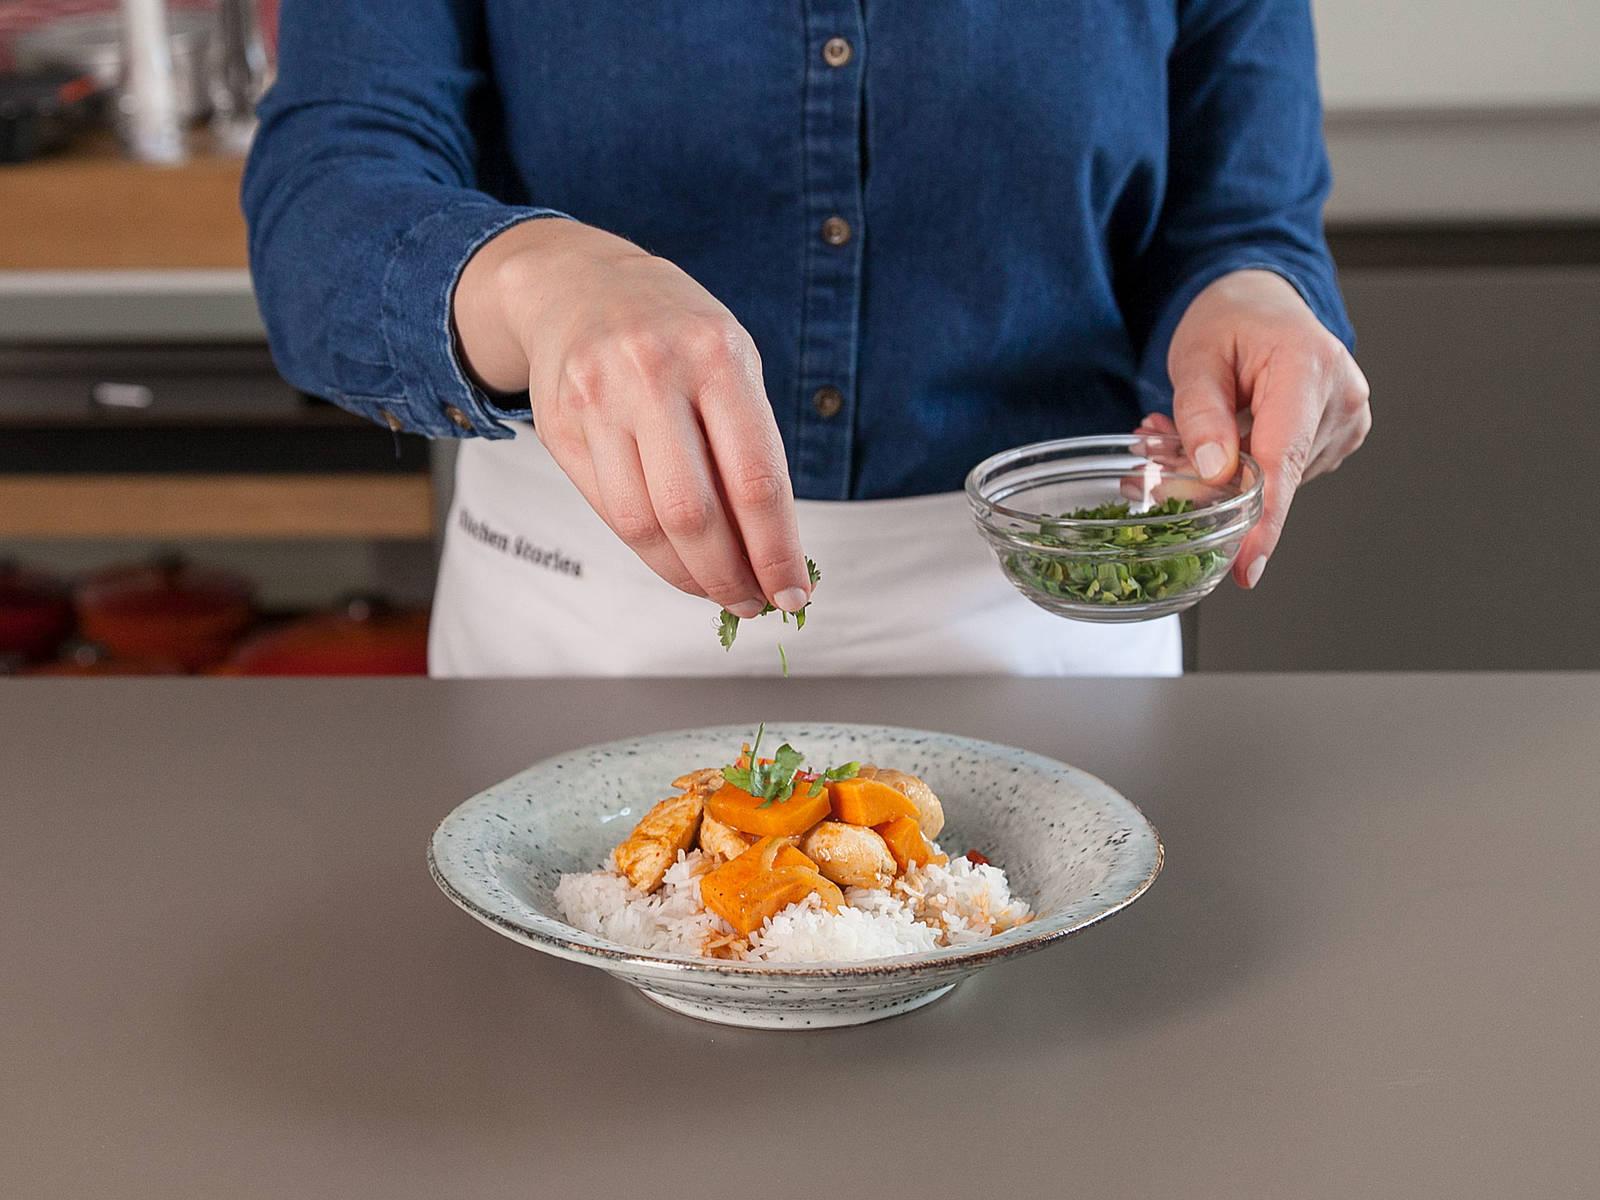 In der Zwischenzeit Koriander hacken und Rotkraut in Streifen schneiden. Limette in Spalten schneiden. Gebratenes Hähnchen und angesammelte Flüssigkeit, sowie Fischsauce nach Geschmack in die Pfanne geben. Curry erwärmen. Reis auf Servierschüsseln verteilen. Curry dazugeben und mit Koriander, Chilischote, Rotkohl und Limettenspalten servieren. Guten Appetit!